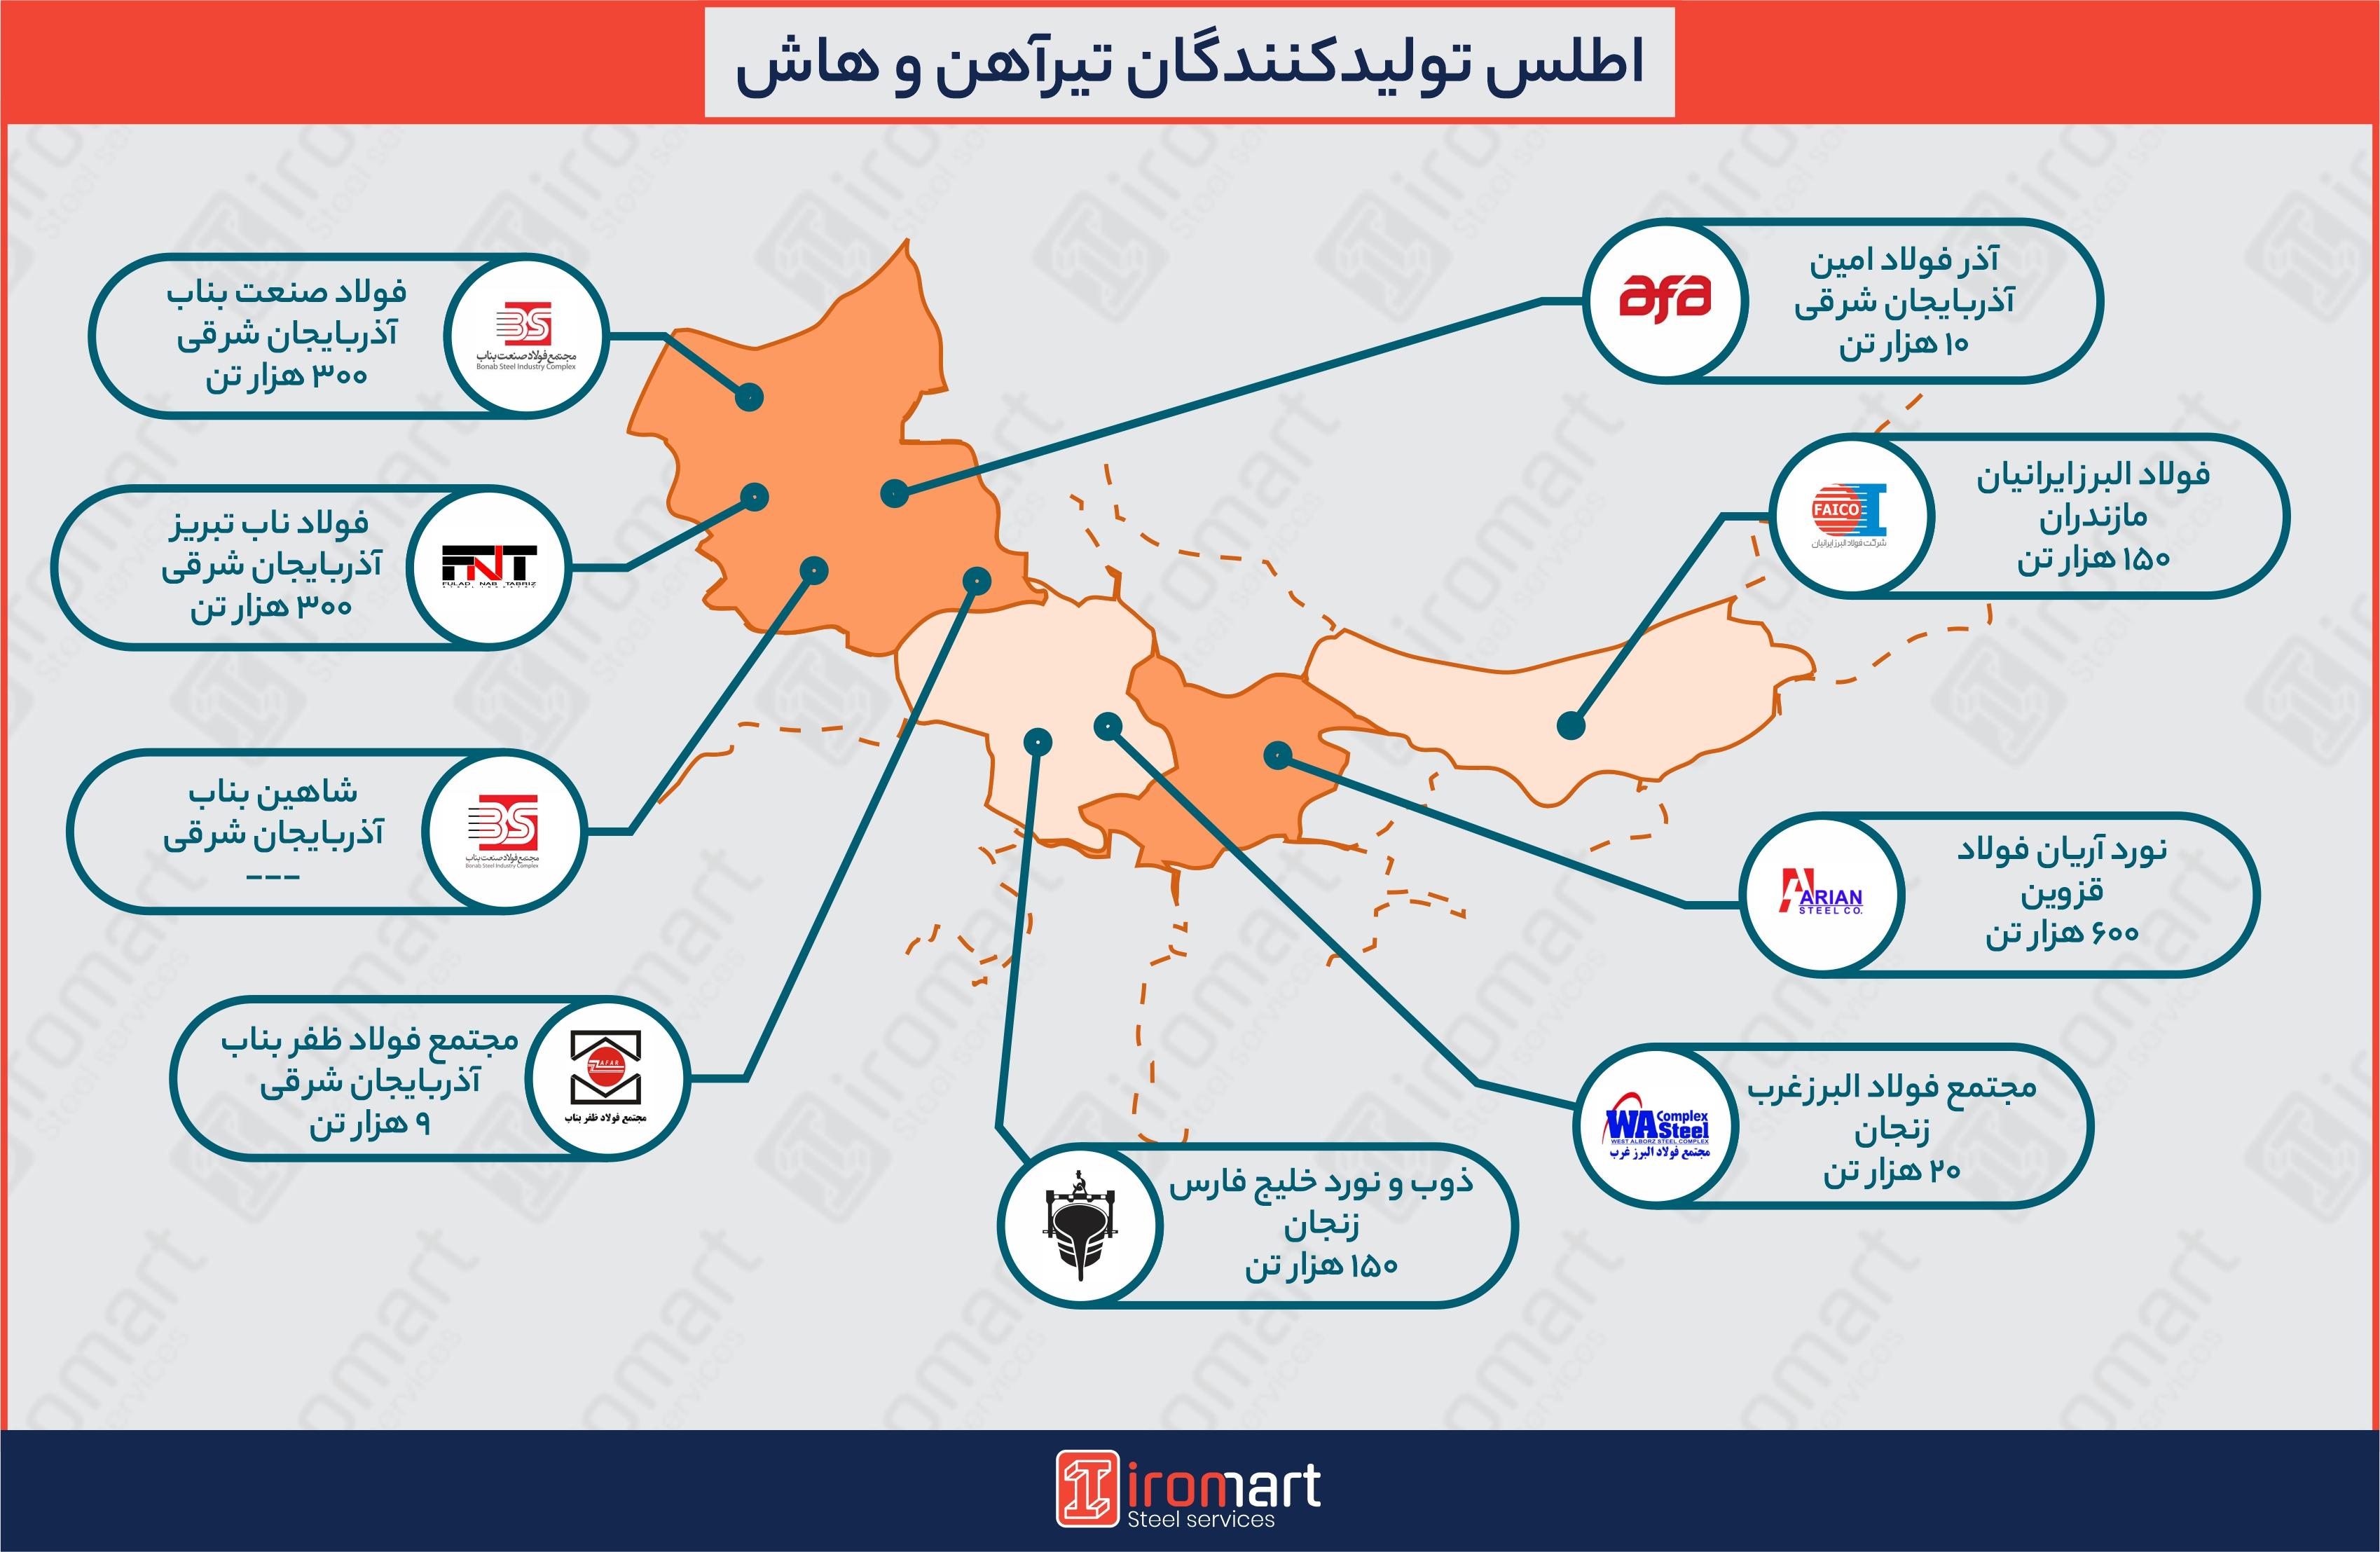 تولیدکنندگان تیرآهن و هاش در شمال و شمال شرقی ایران